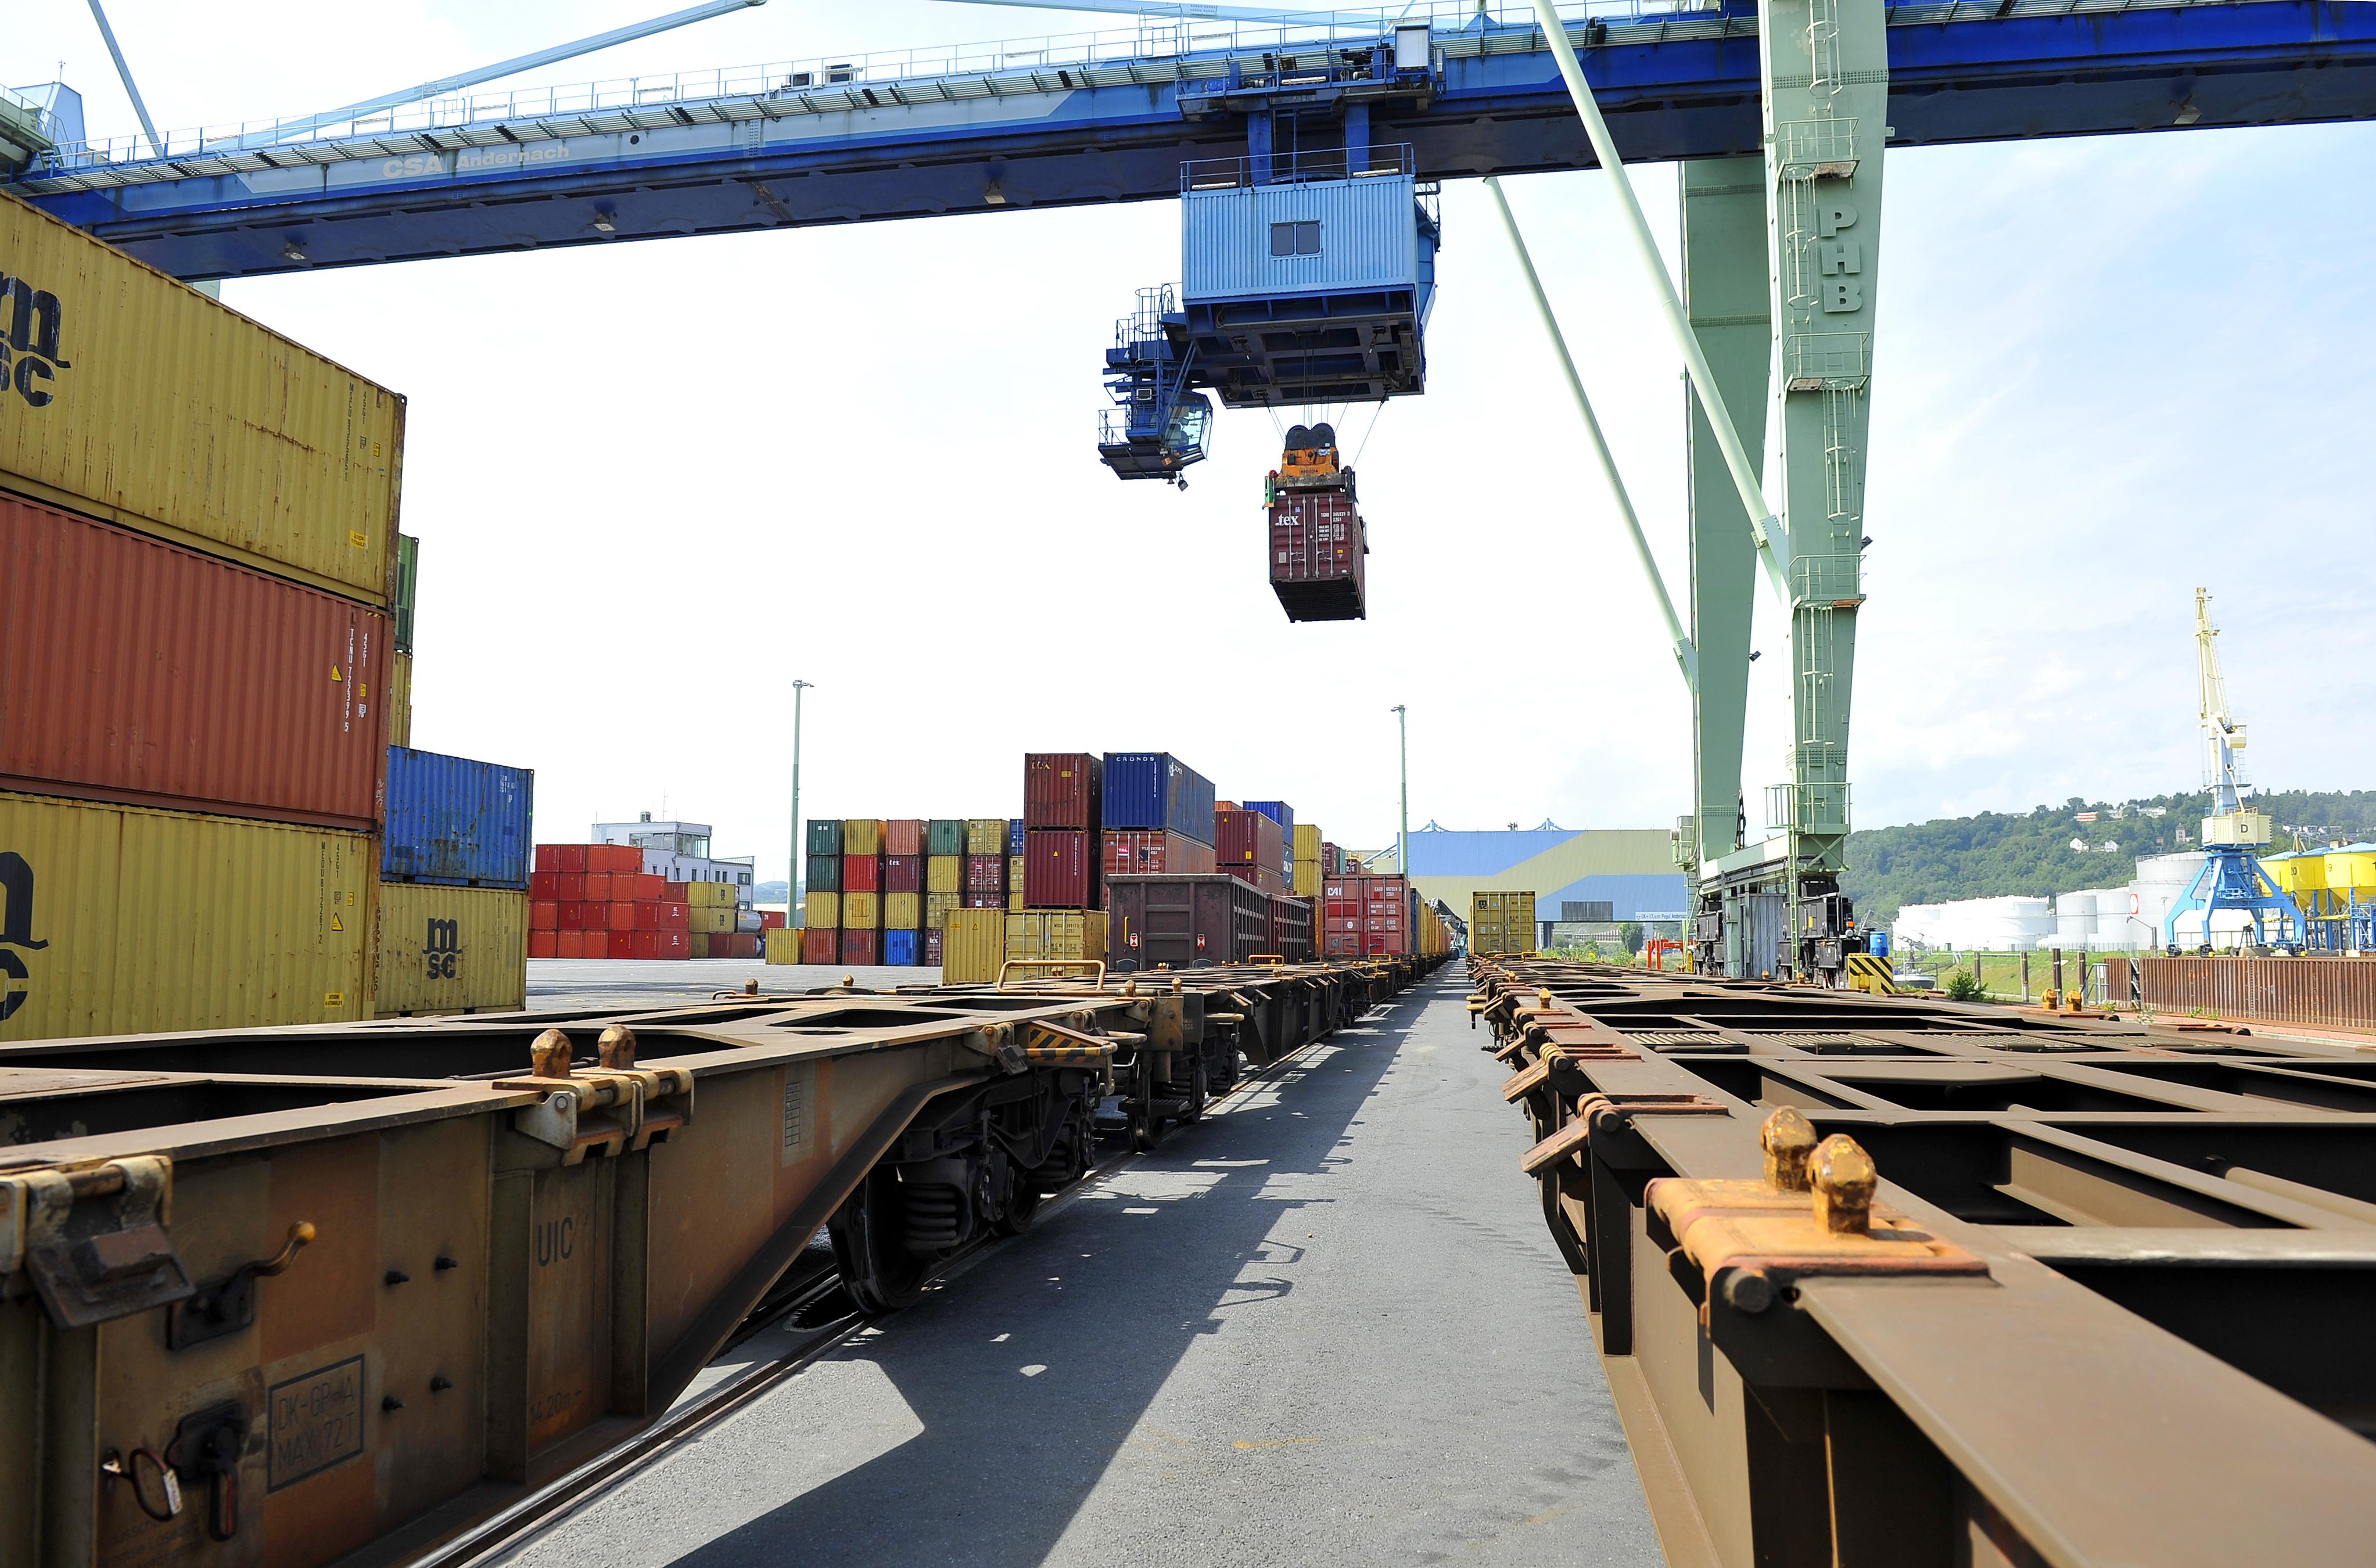 Hafen Andernach Zug